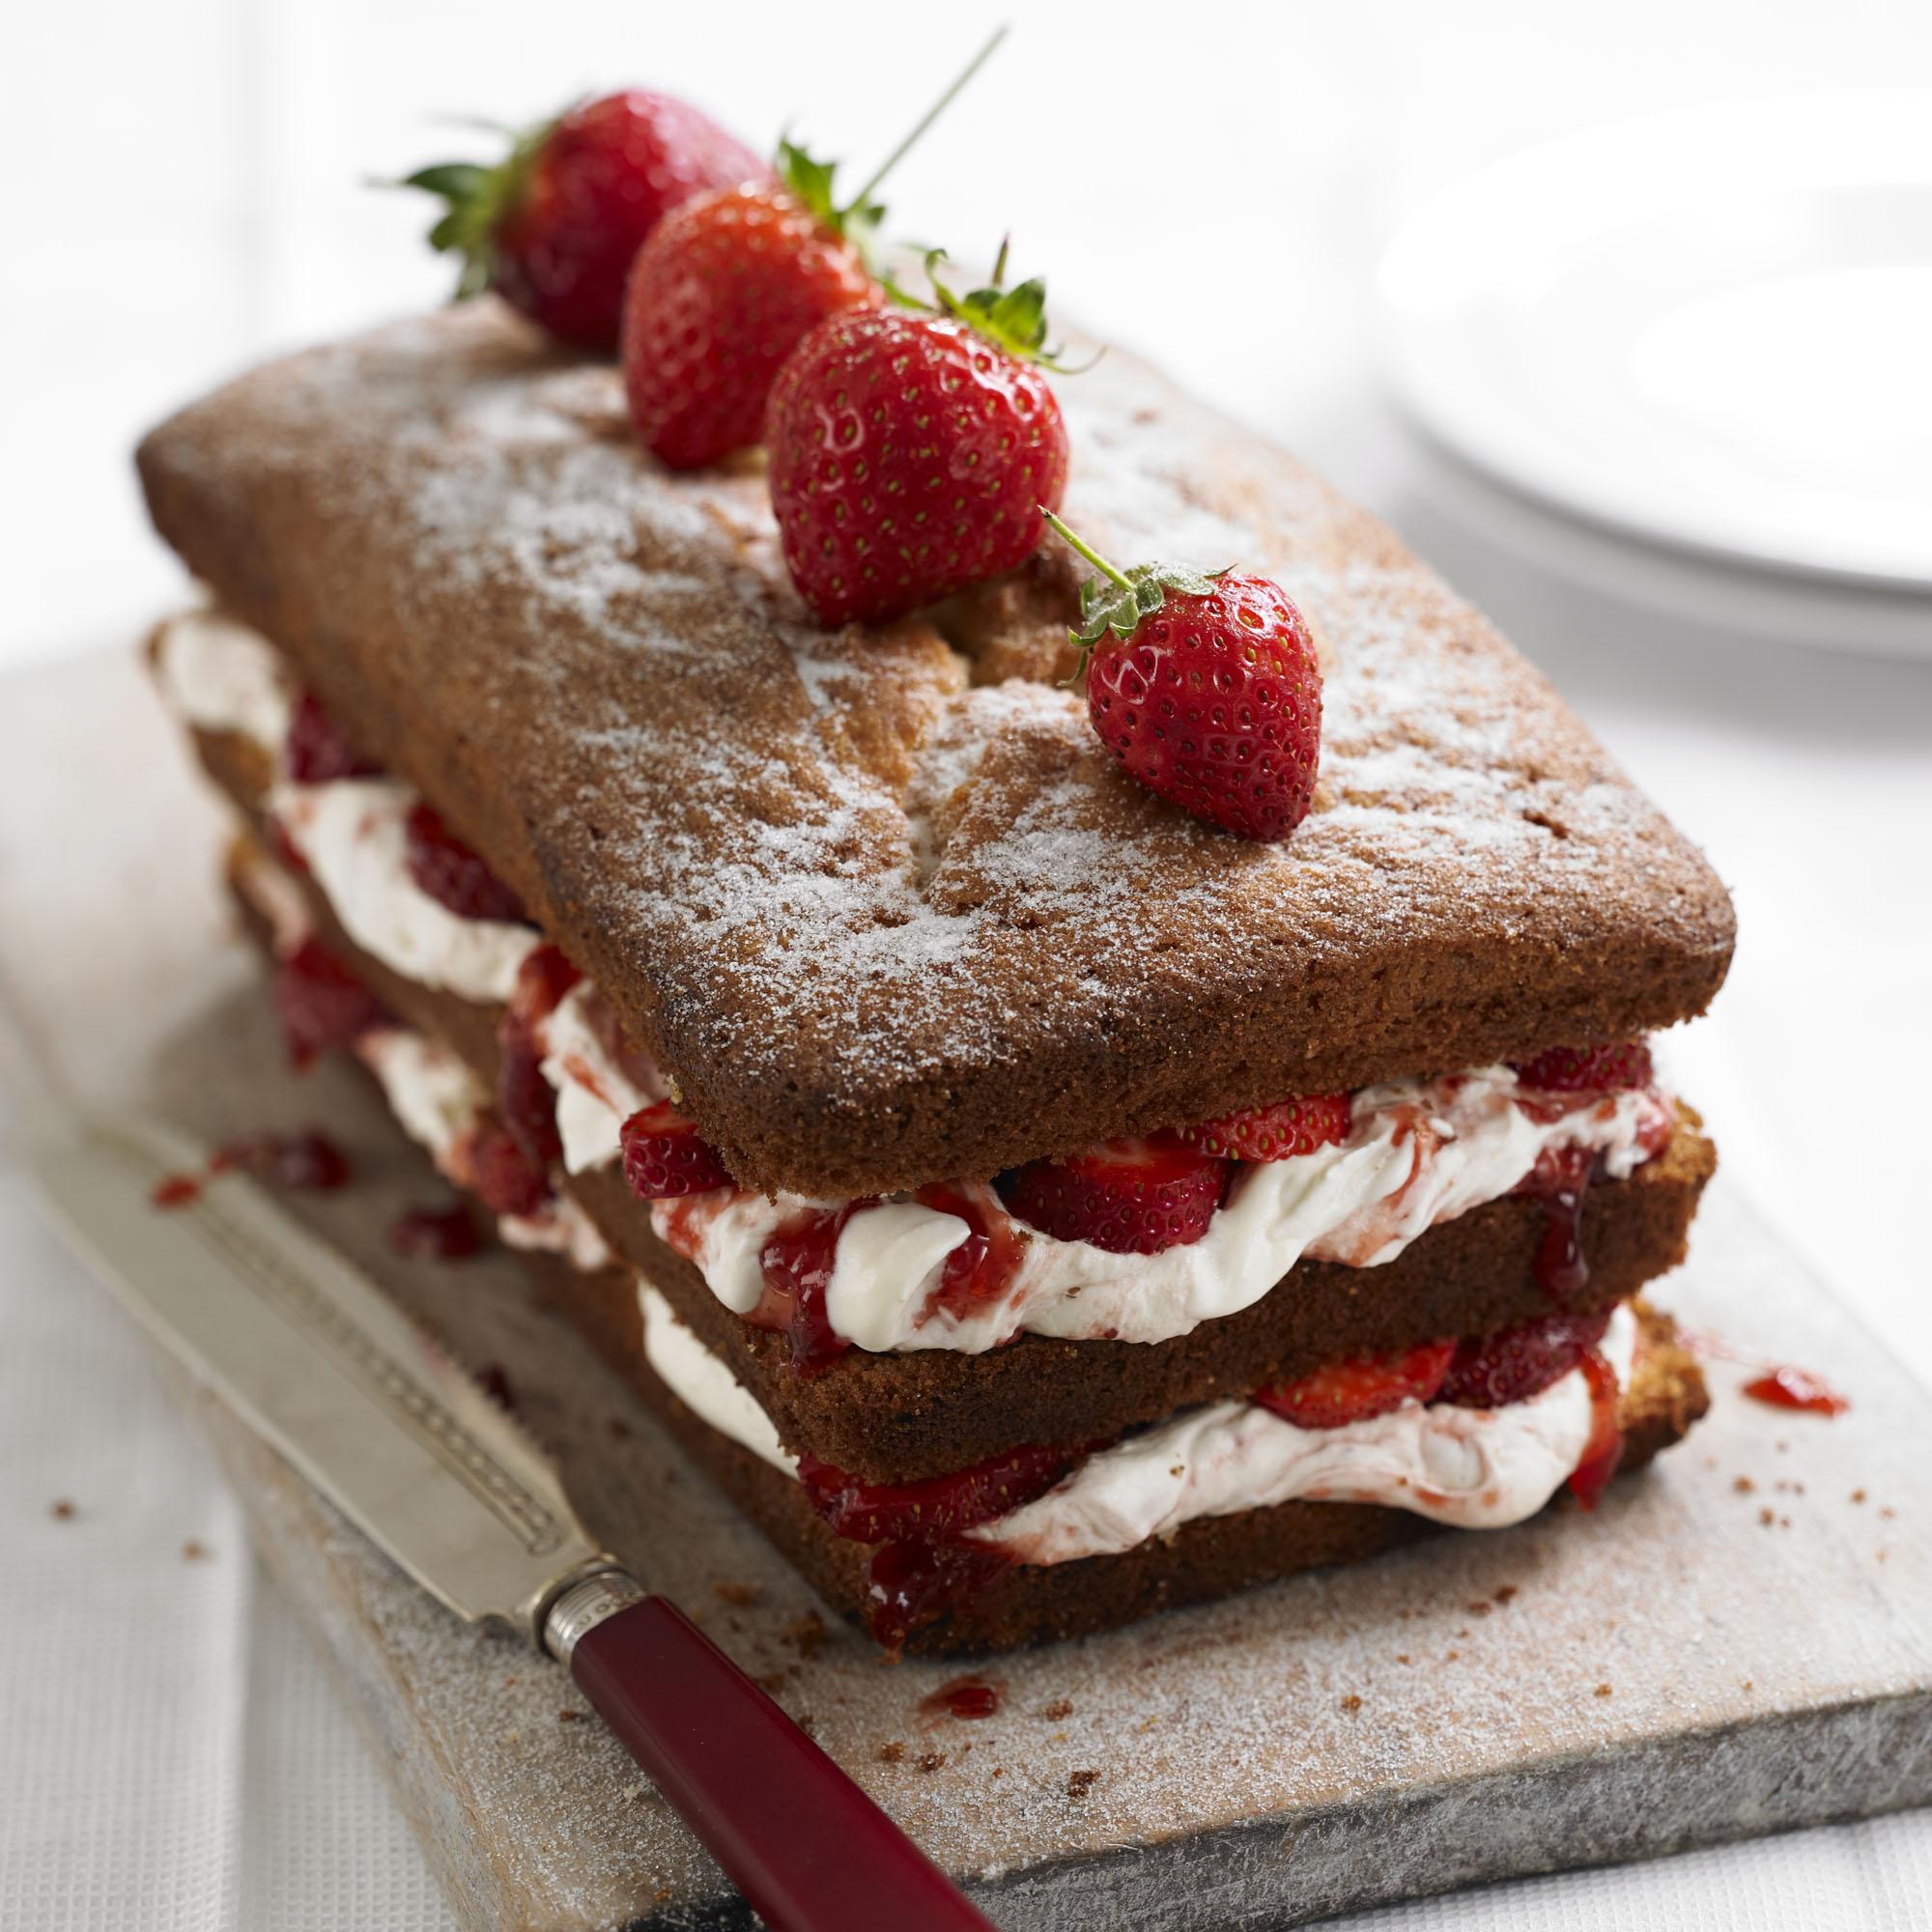 Sponge Loaf Cake